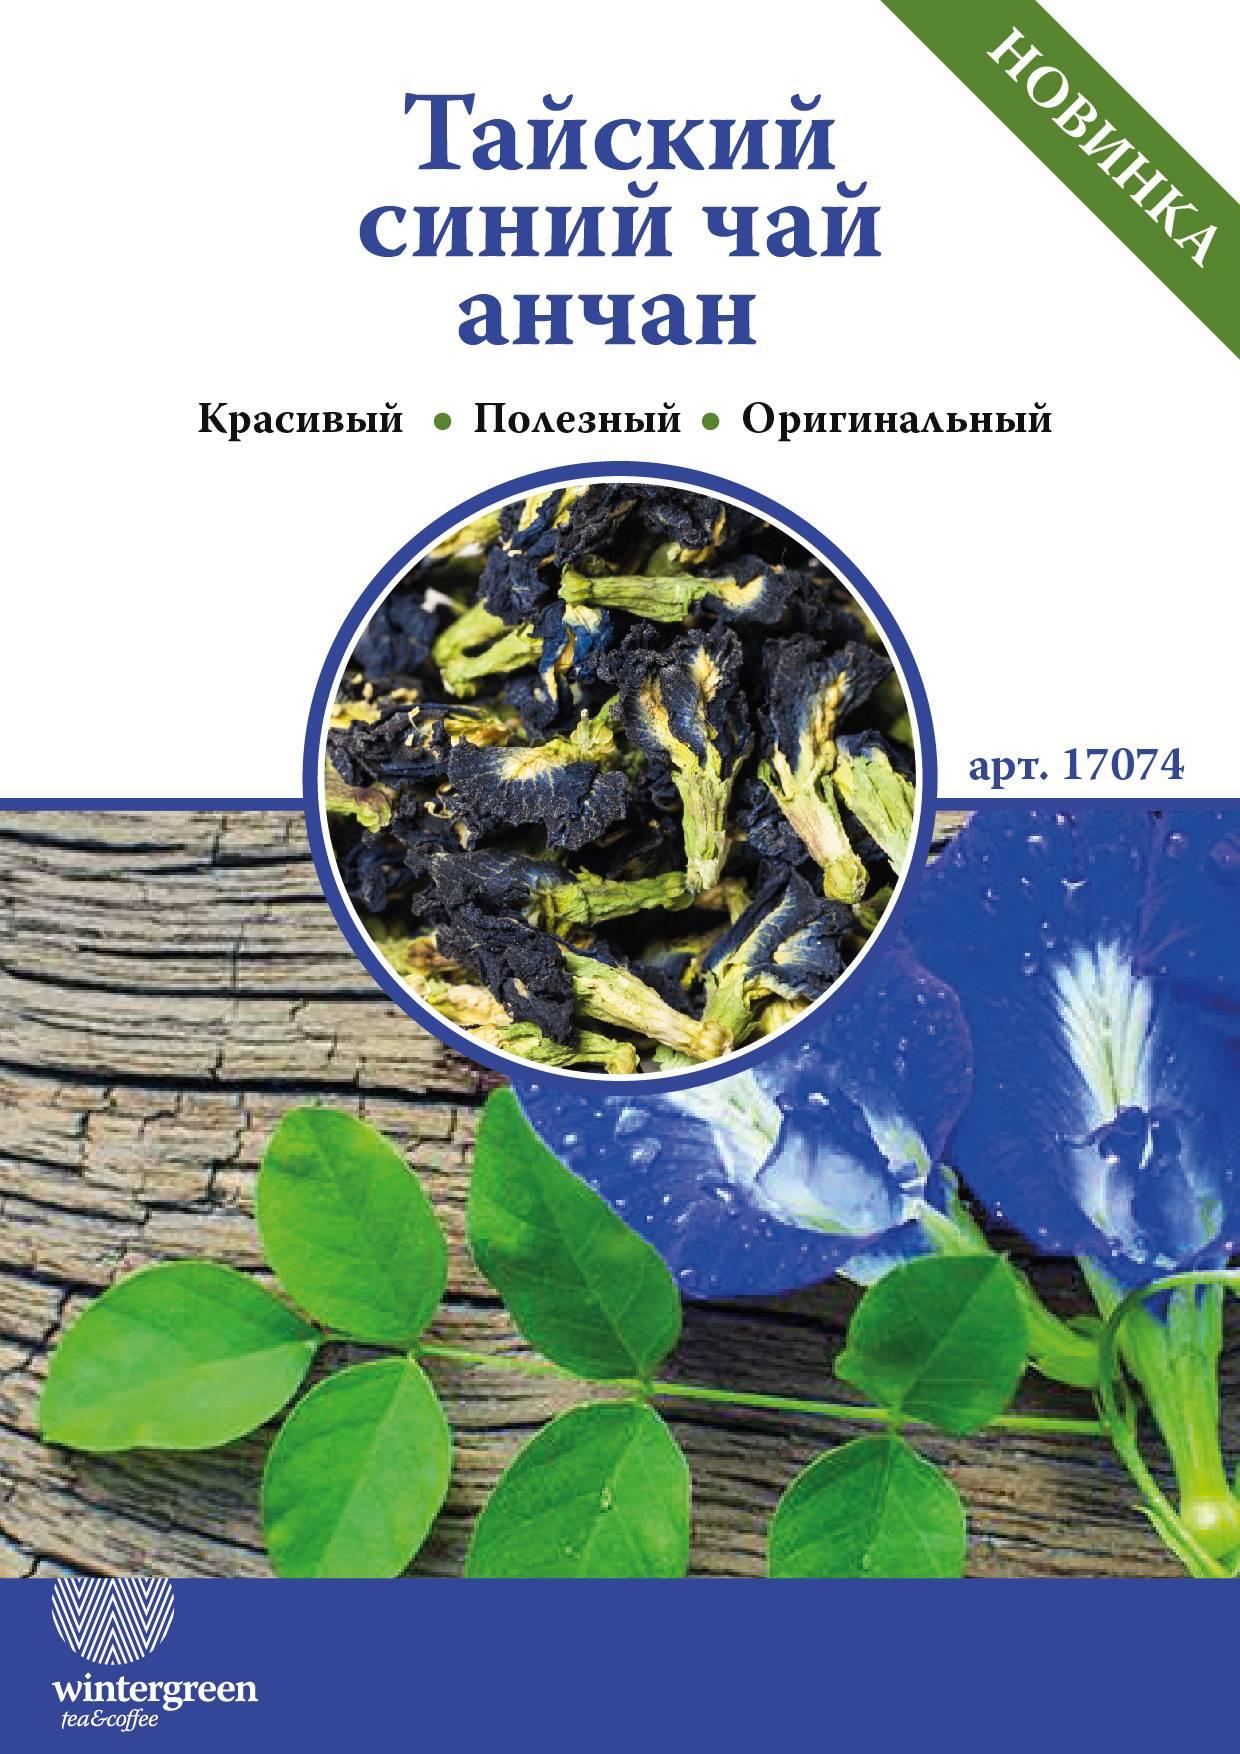 Анчан синий чай, полезные свойства, противопоказания